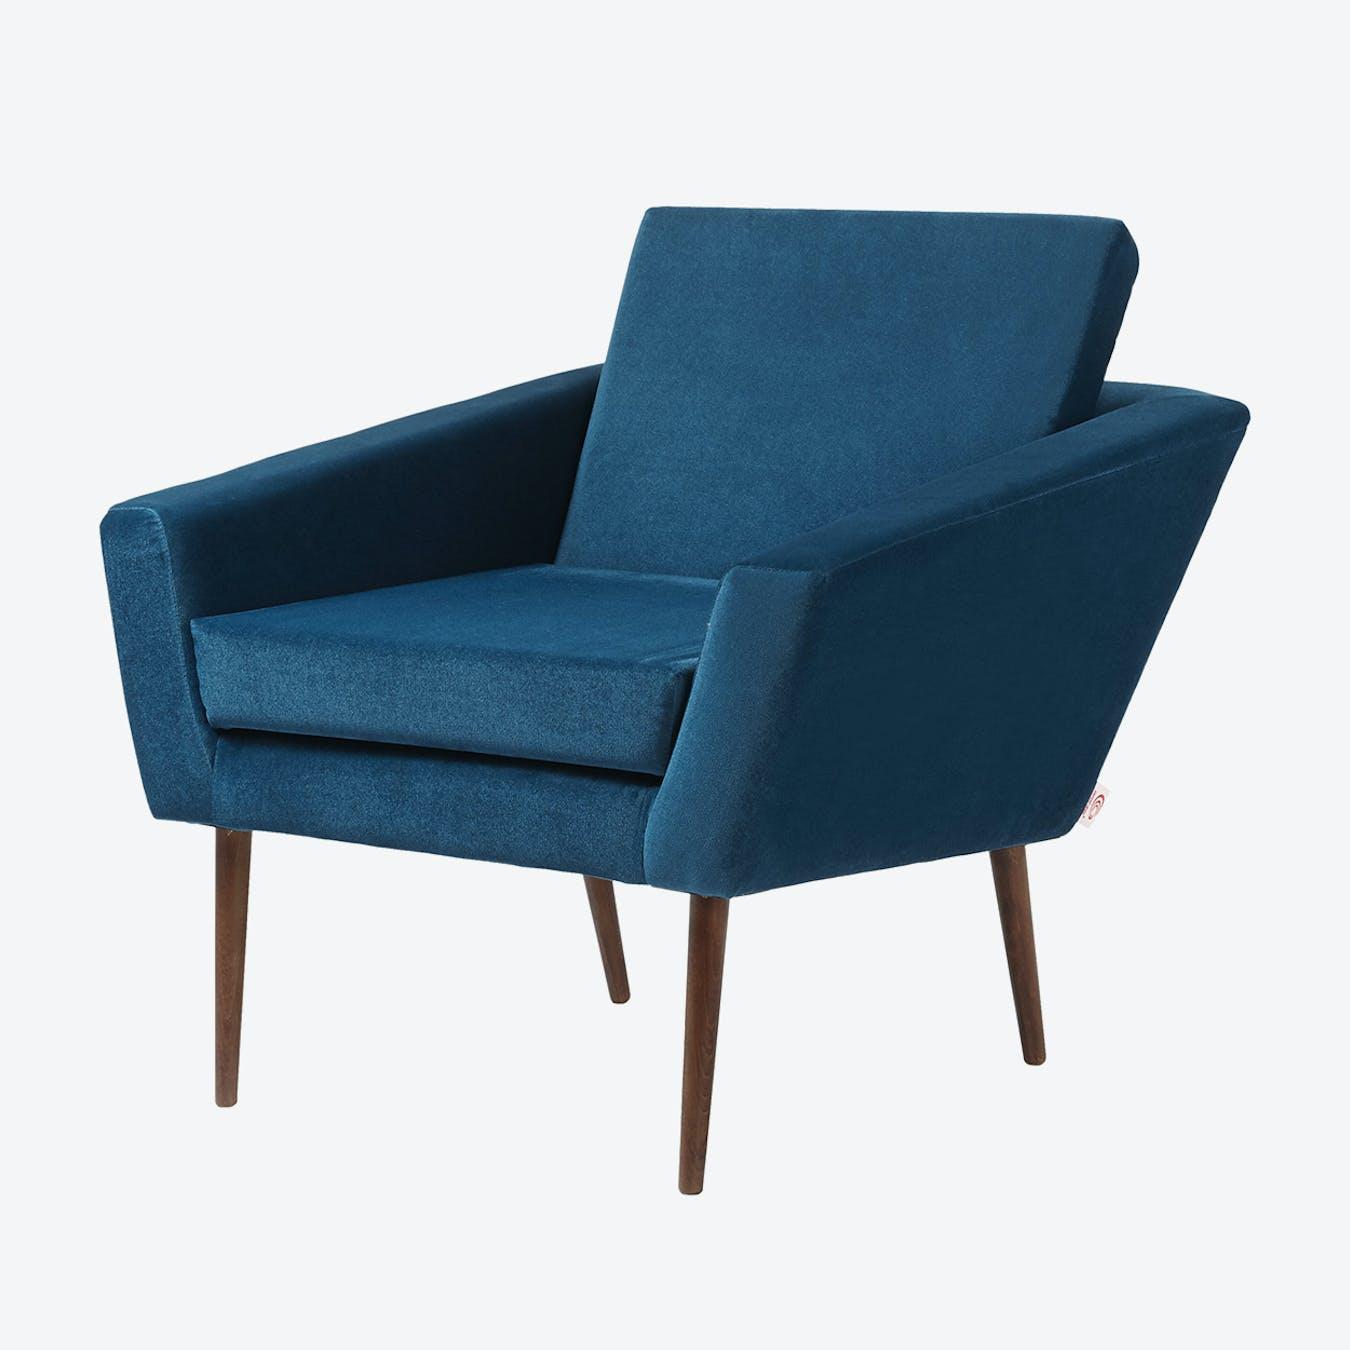 Supernova Chair - Velvet Line in Royal Blue